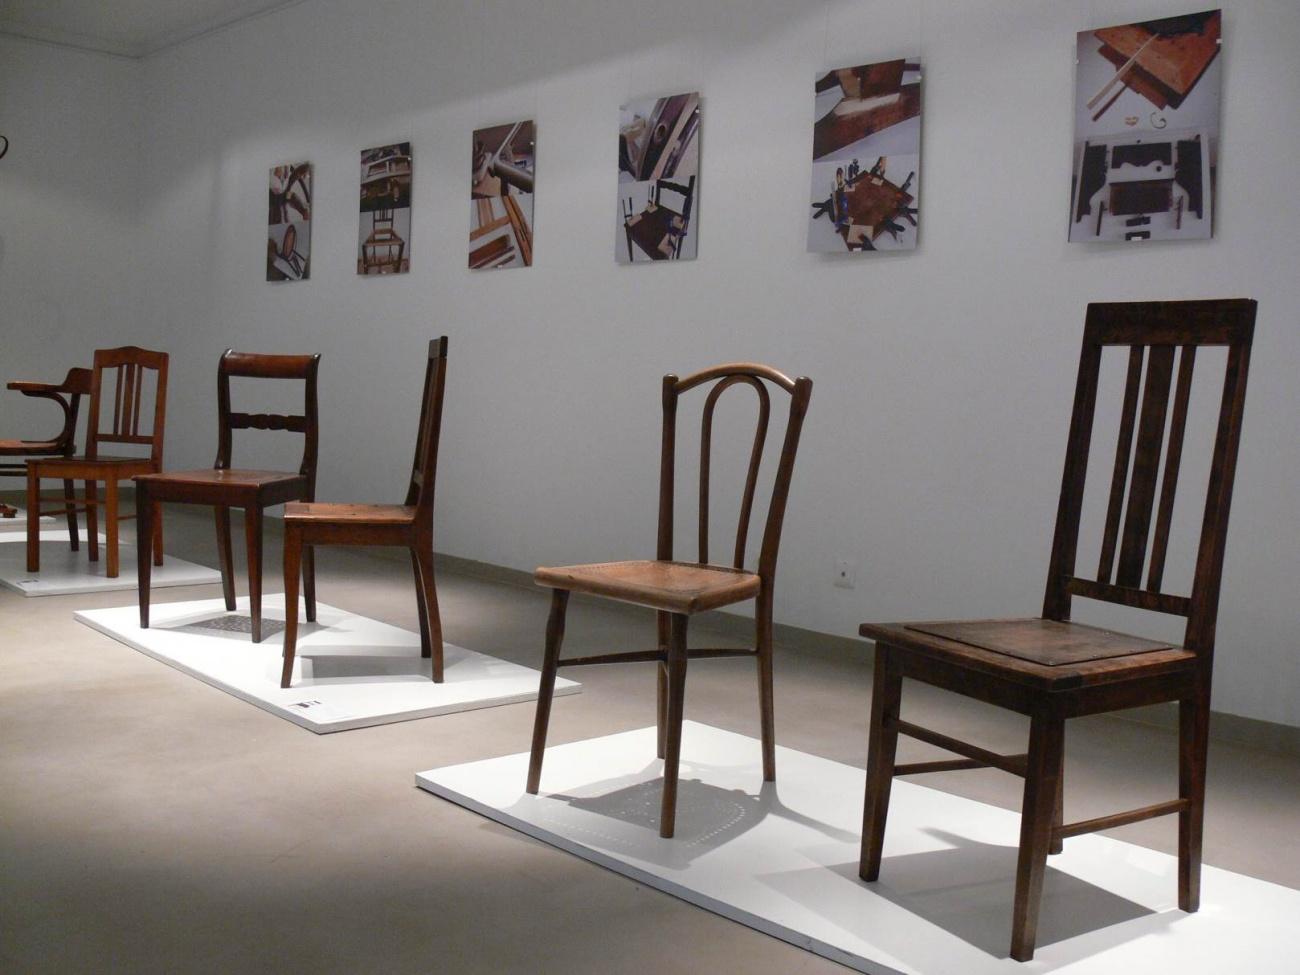 Taikomųjų kultūros paveldo tyrimų ir konservavimo centro restauruotų baldų ekspozicija Mažeikių muziejuje